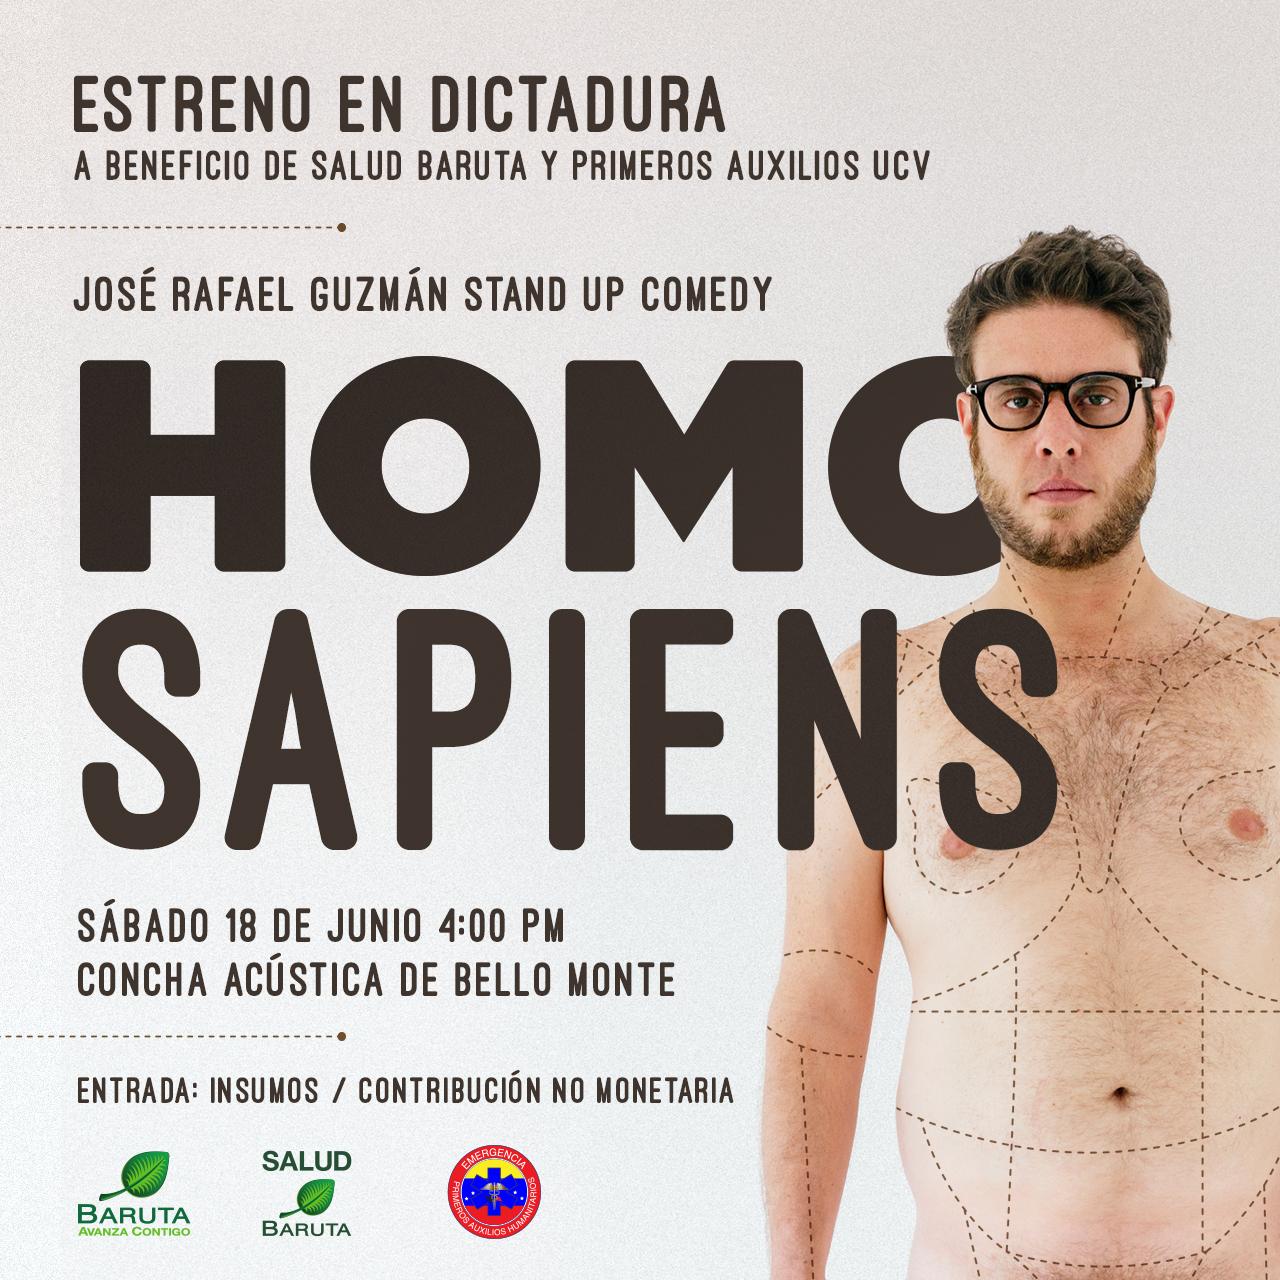 El stand-up benéfico de José Rafael Guzmán